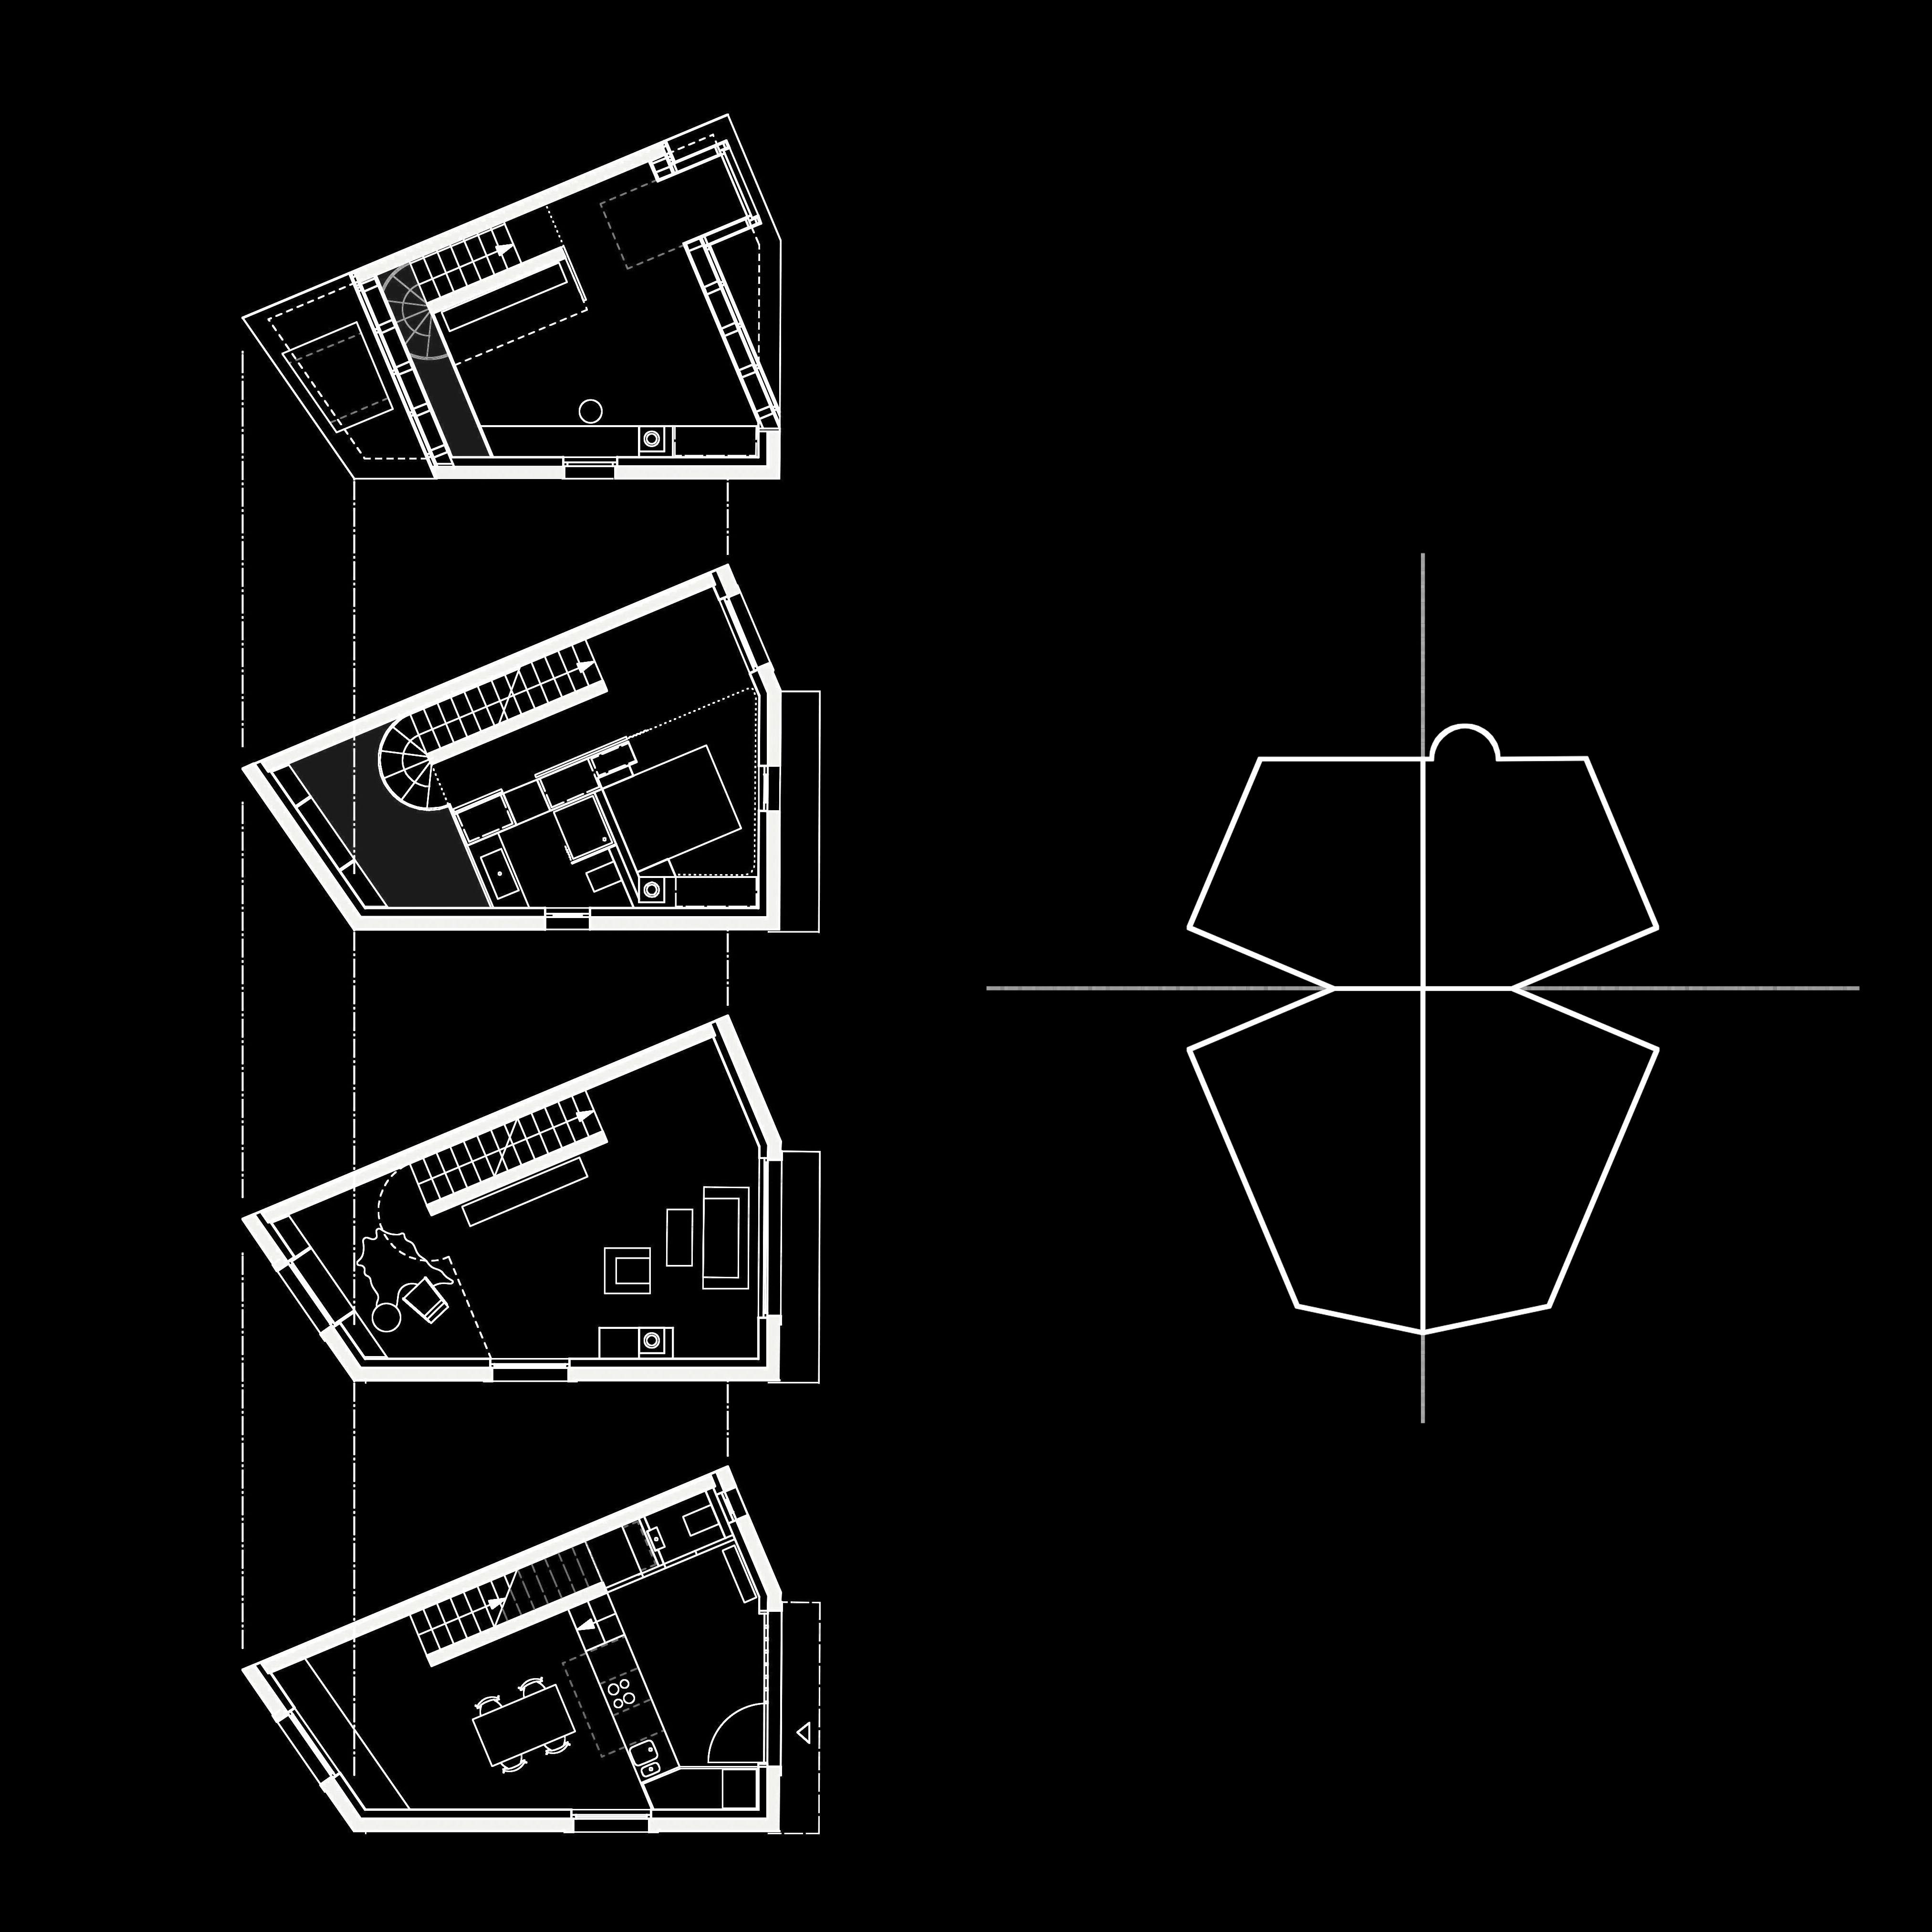 Grundrisse-Haus-Axo-umkehrung